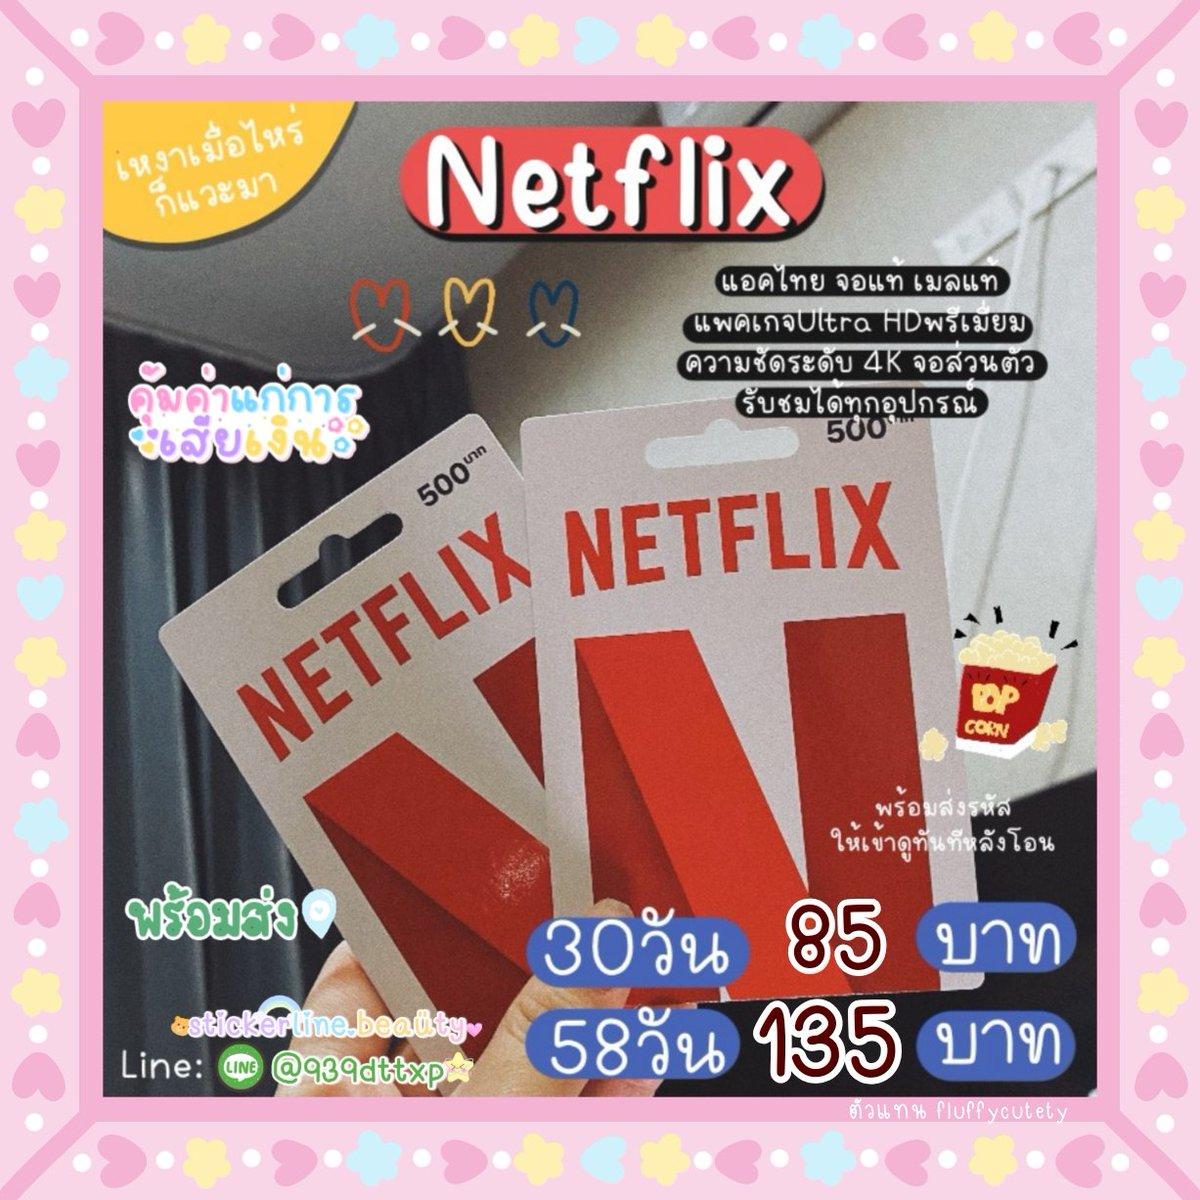 𝐍𝐞𝐭𝐟𝐢𝐥𝐱 พร้อมส่ง 𝐋𝐢𝐧𝐞 : @939𝐝𝐭𝐭𝐱𝐩 (มี@) 𝐈𝐆 : 𝐬𝐭𝐢𝐜𝐤𝐞𝐫𝐥𝐢𝐧𝐞.𝐛𝐞𝐚𝐮𝐭𝐲 #เปิดหารnetflix #netflixmovies #vsco #lightroom #youtube #spotify #ธีมไลน์ #สติ๊กเกอร์ไลน์ #game #แอพการเรียน #แอพแท้ios #viu  #แต่งรูปคุมโทน